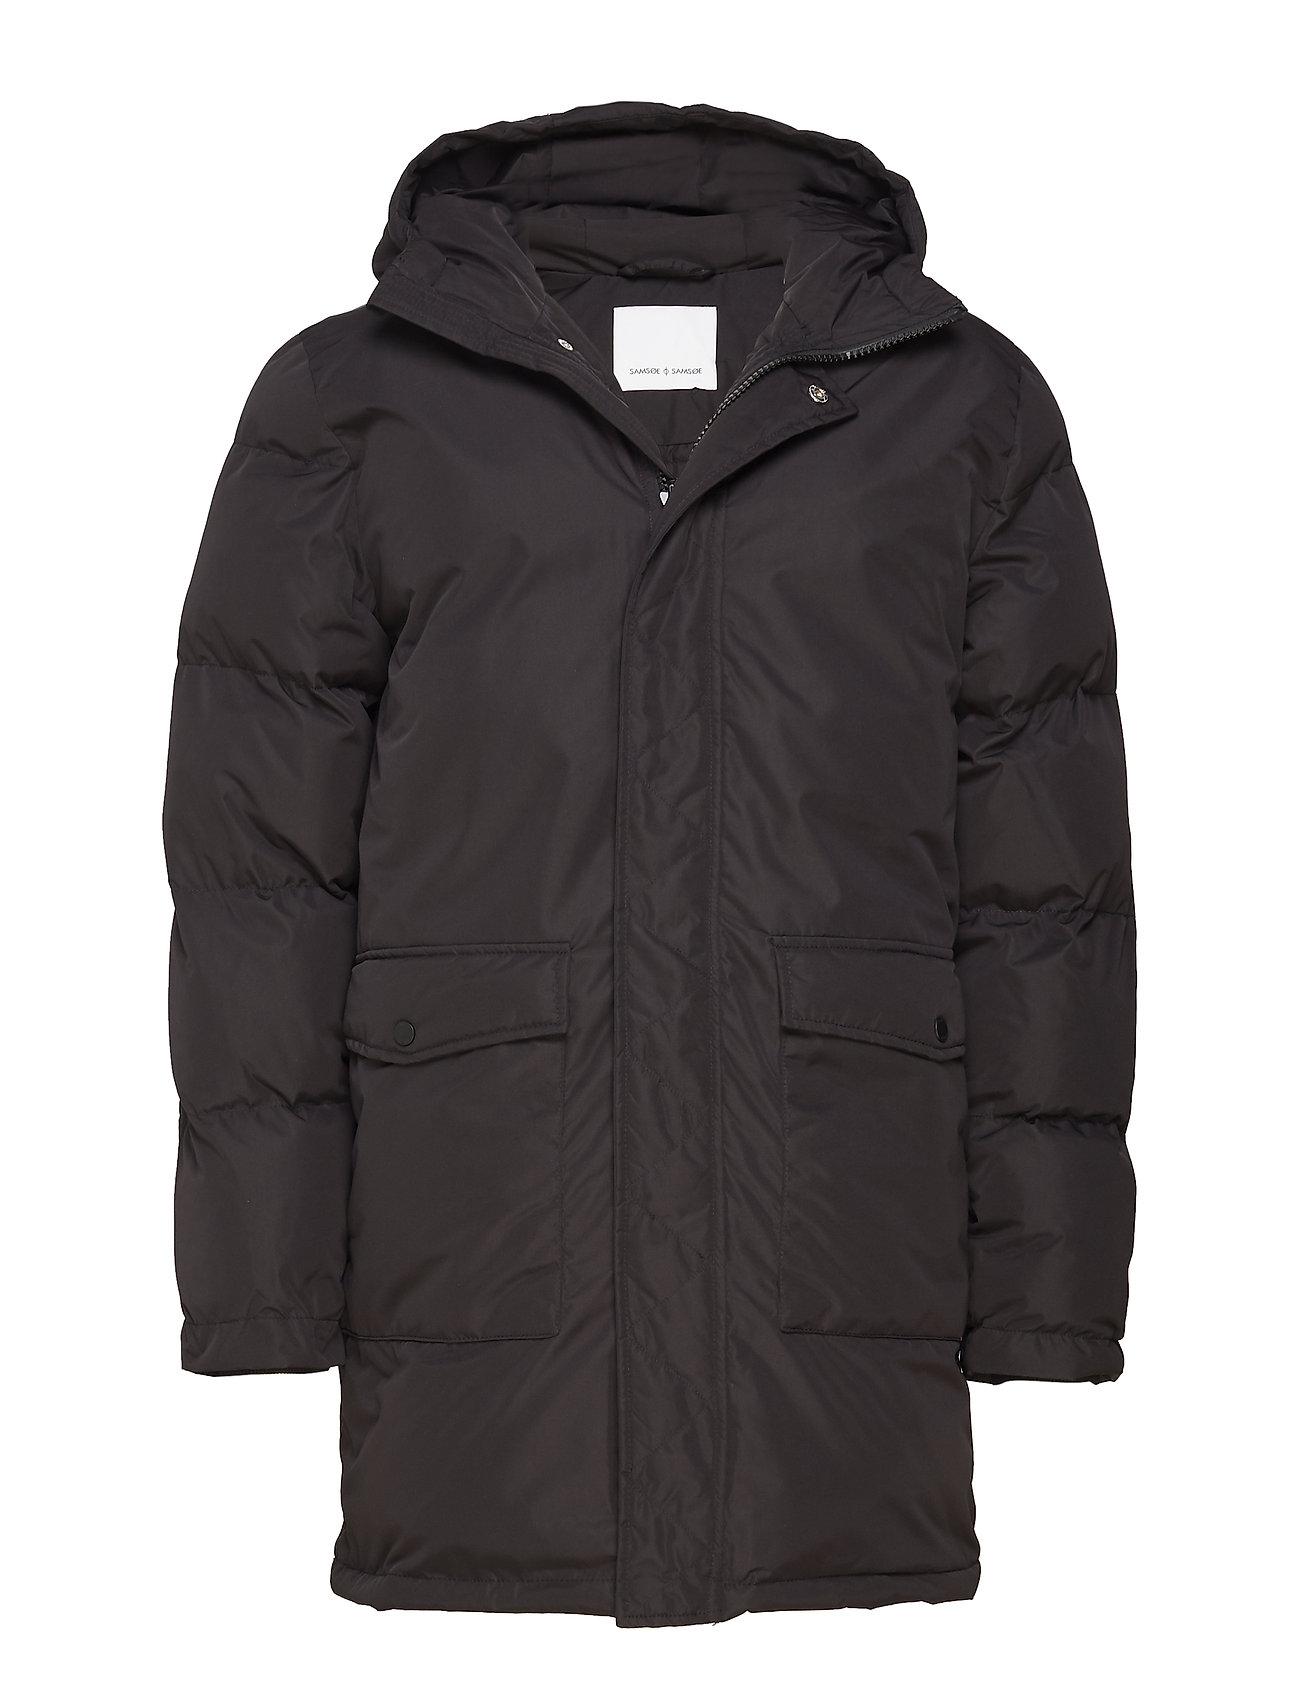 Samsøe & Samsøe Dietmar jacket 10179 - BLACK